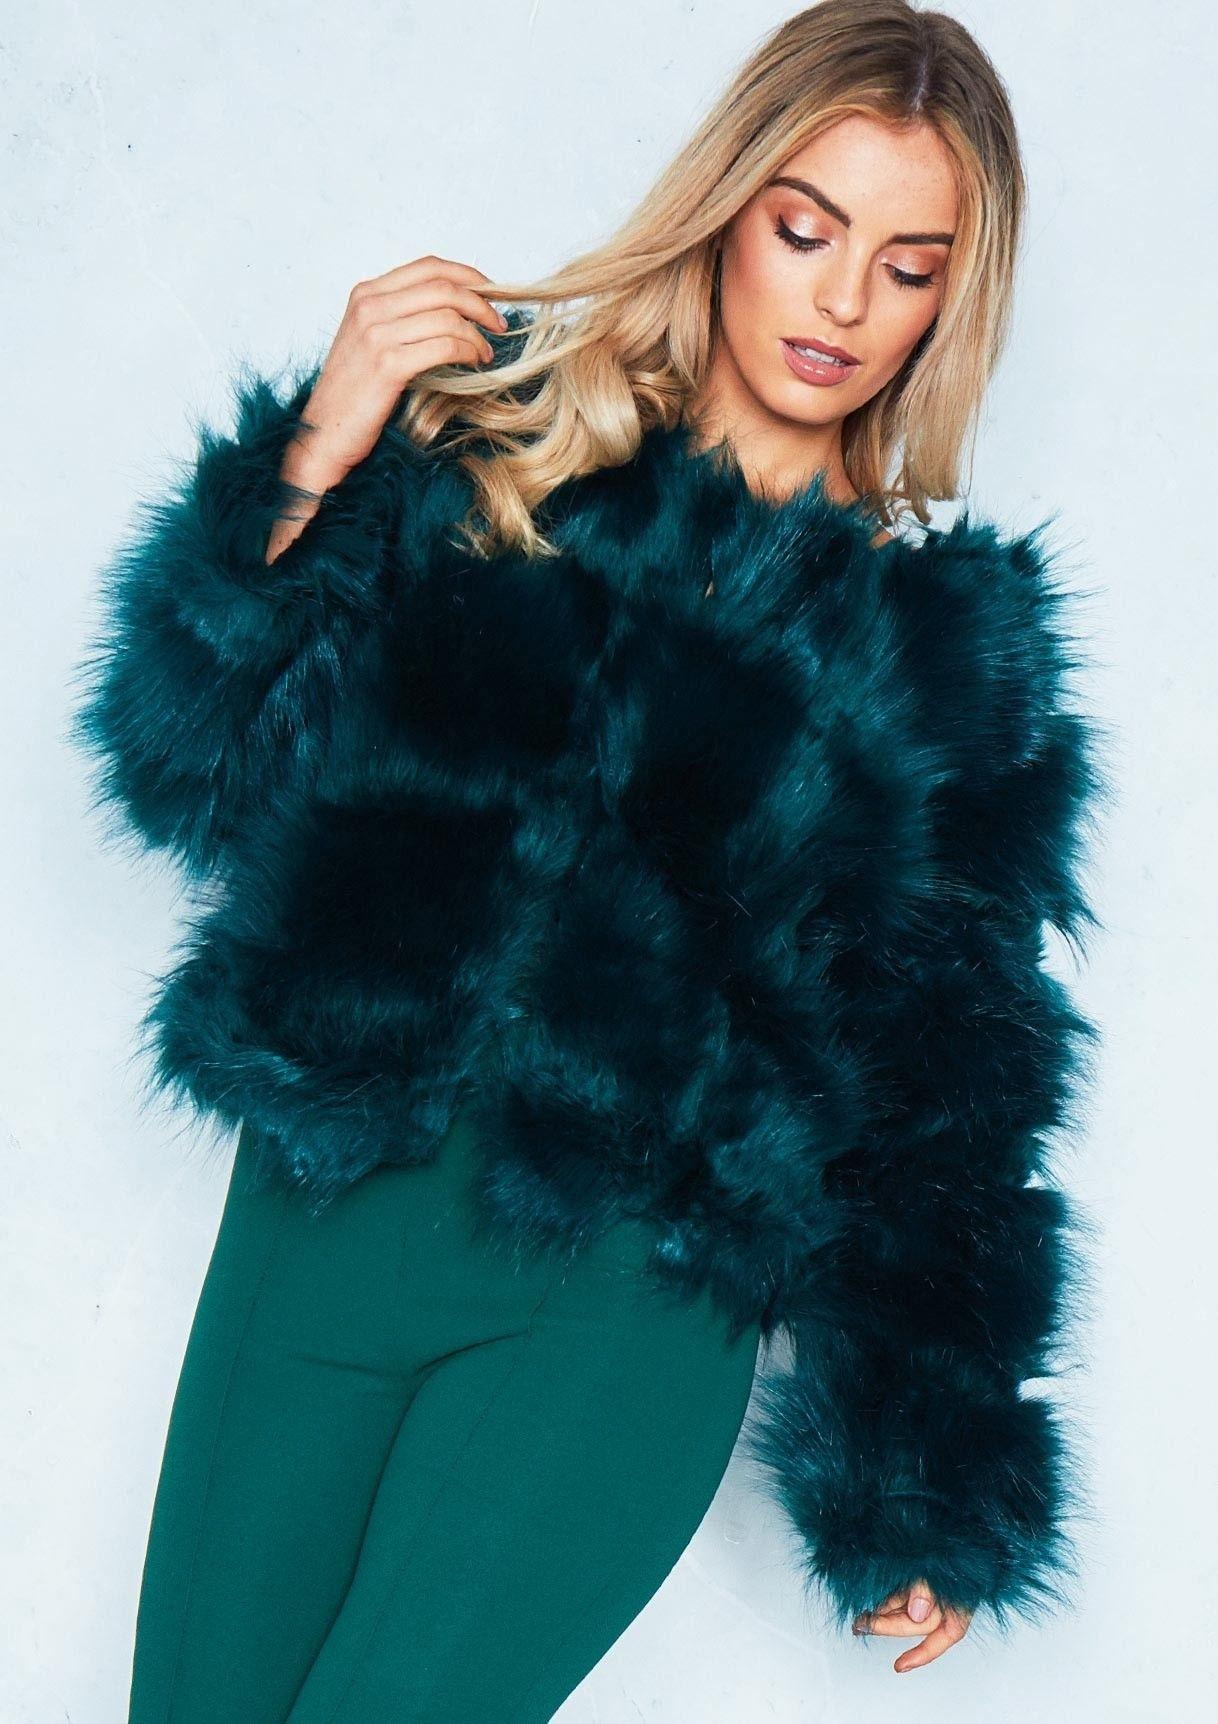 8a749dffcbd Aniyah Emerald Green Cropped Shaggy Faux Fur Coat | style.012 ...